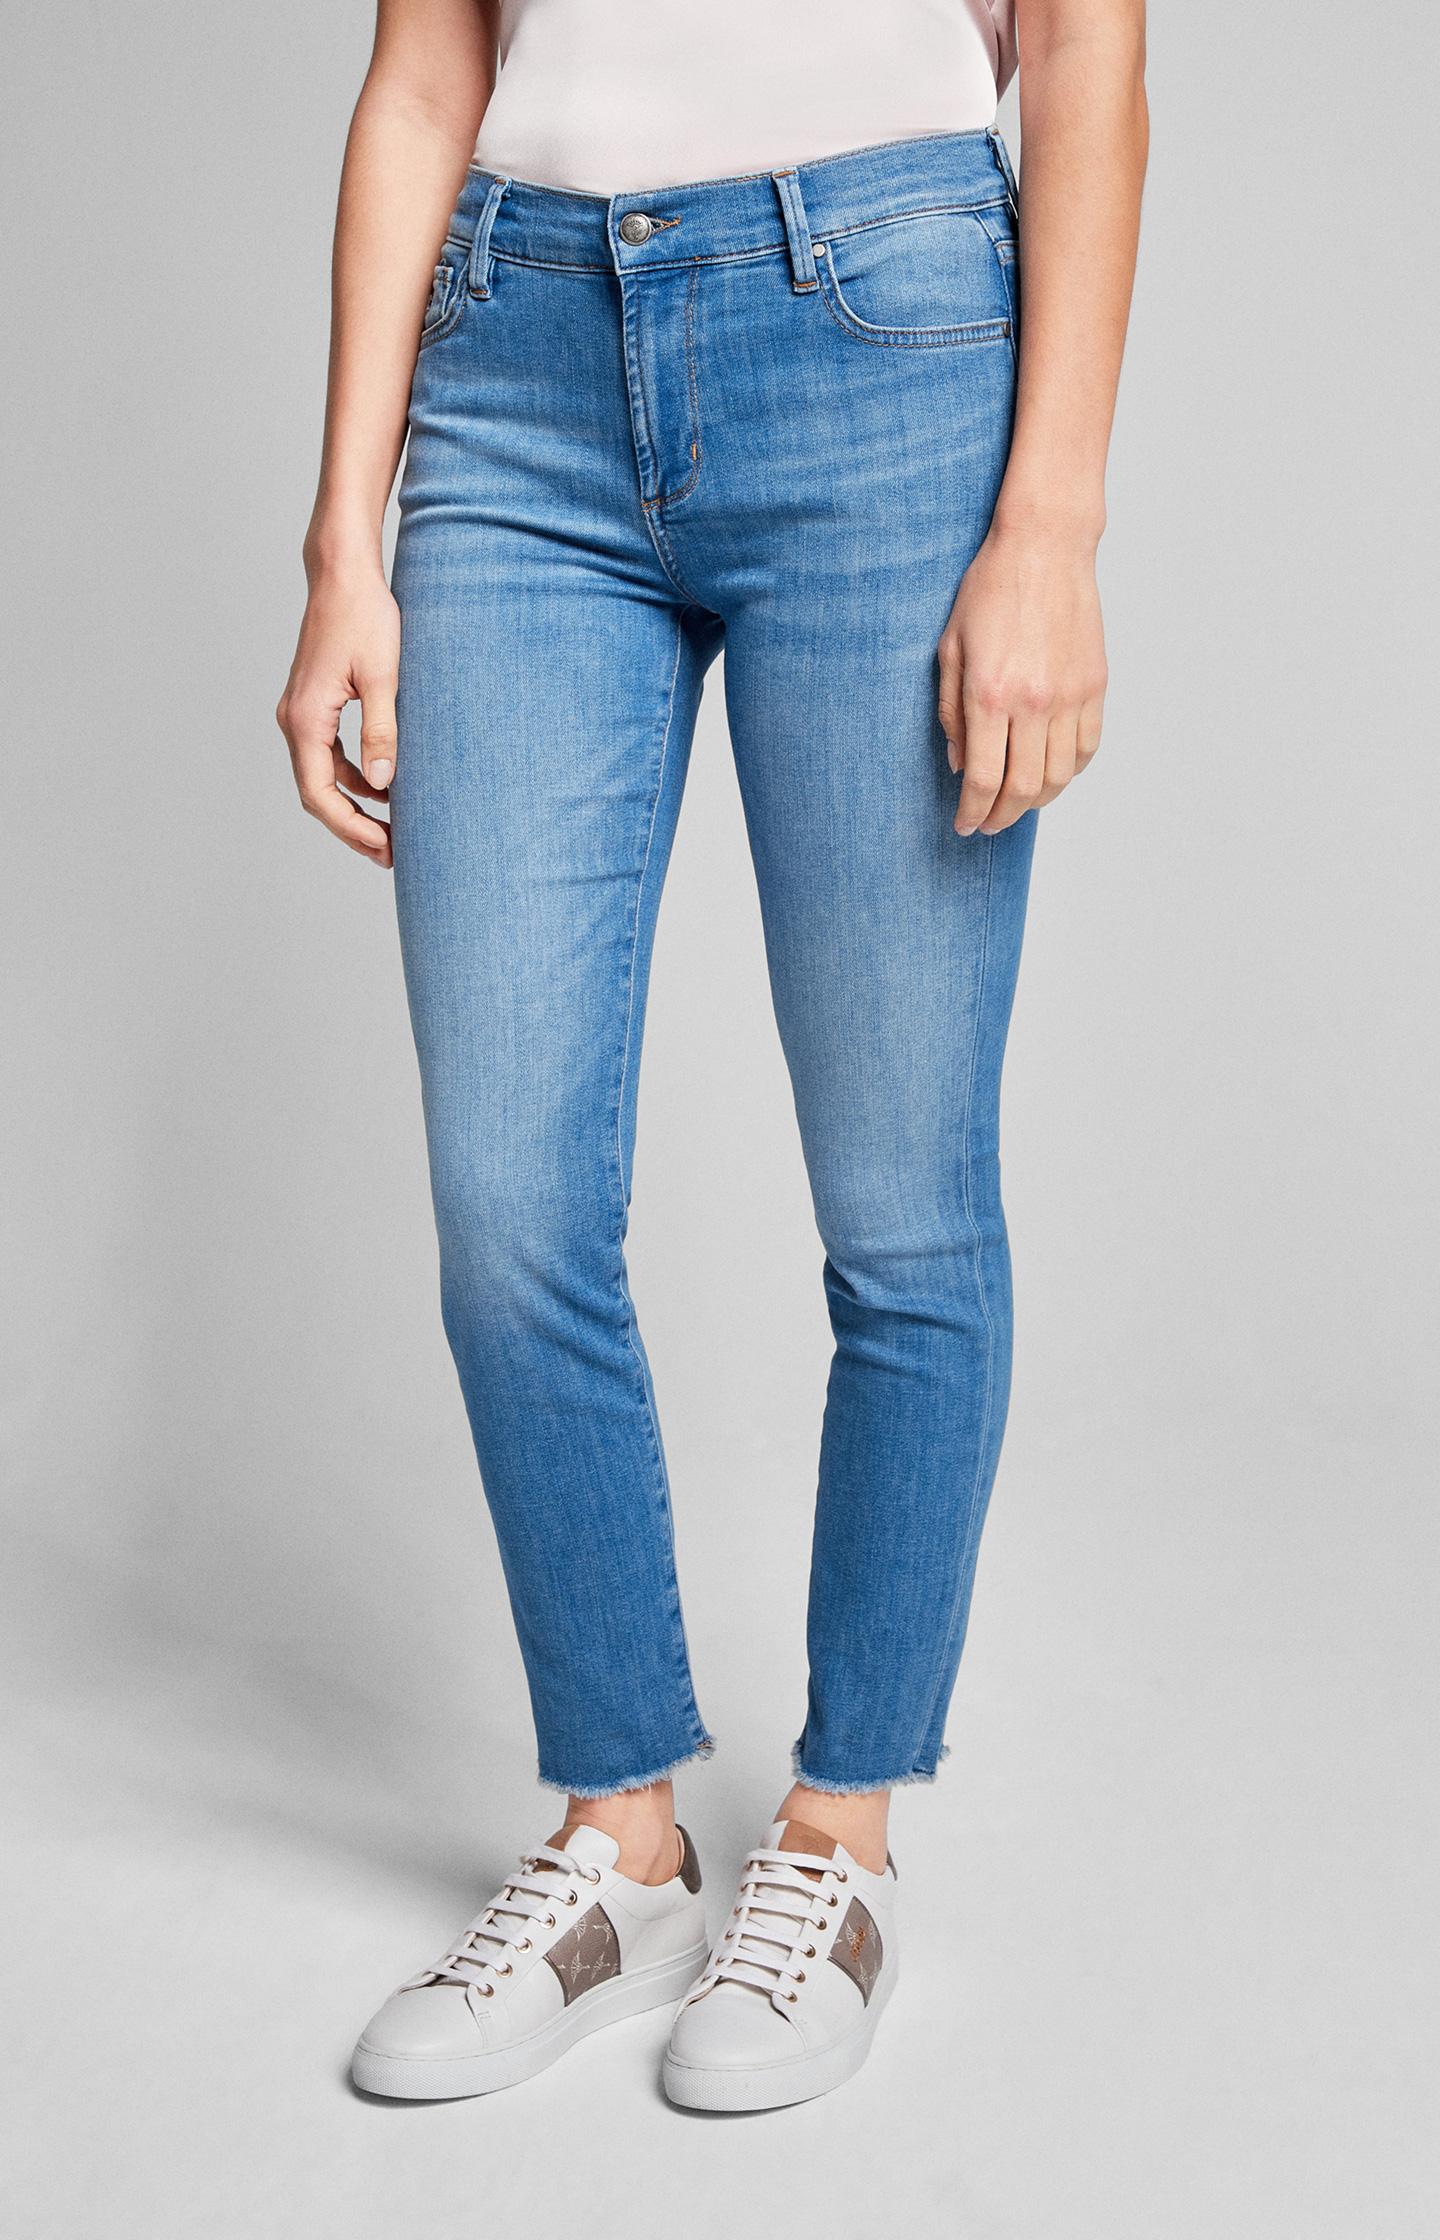 Artikel klicken und genauer betrachten! - Im modernen Hellblau mit leichten Waschungen bereichert Jeans Sol die Casual-Garderobe. Der Slim Fit betont die feminine Silhouette, während das smarte 5-Pocket-Design den Style harmonisch ergänzt. Als besonderer Eyecatcher präsentieren sich die offenen, leicht fransigen Schnittkanten an den Beinabschlüssen. Cornflower-Plaketten und JOOP! Schriftzüge setzen markengerechte Akzente.   im Online Shop kaufen